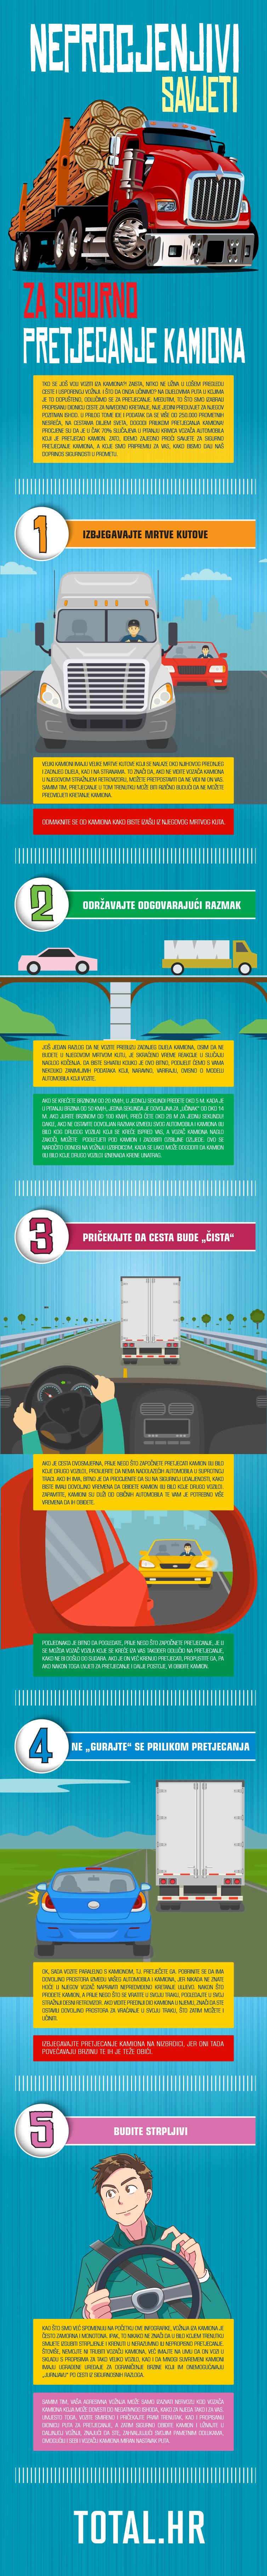 pretjecanje kamiona